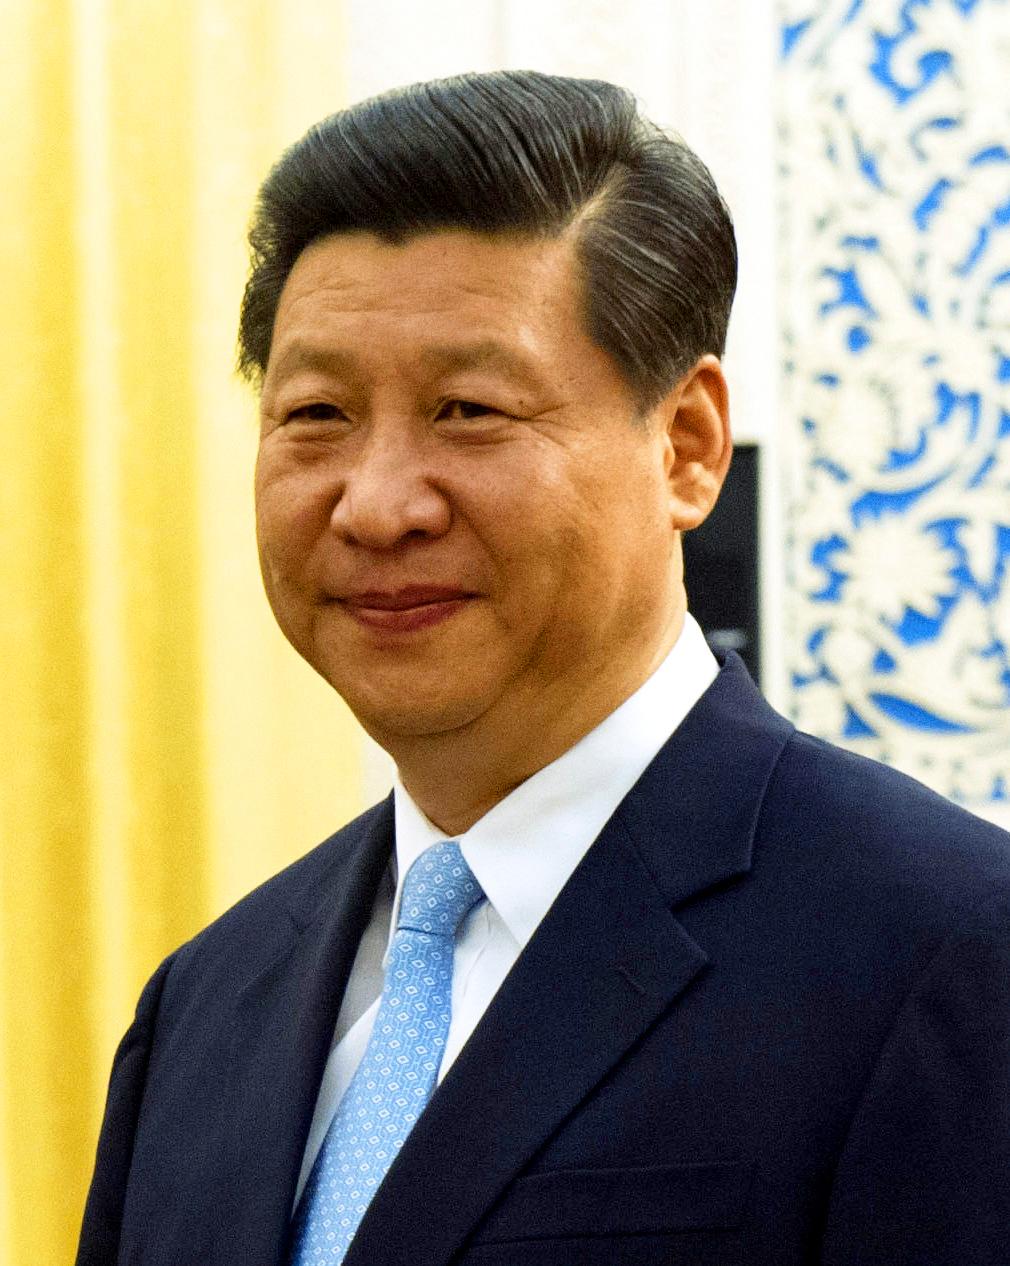 Xi Jinping (créditos: Wikipedia)